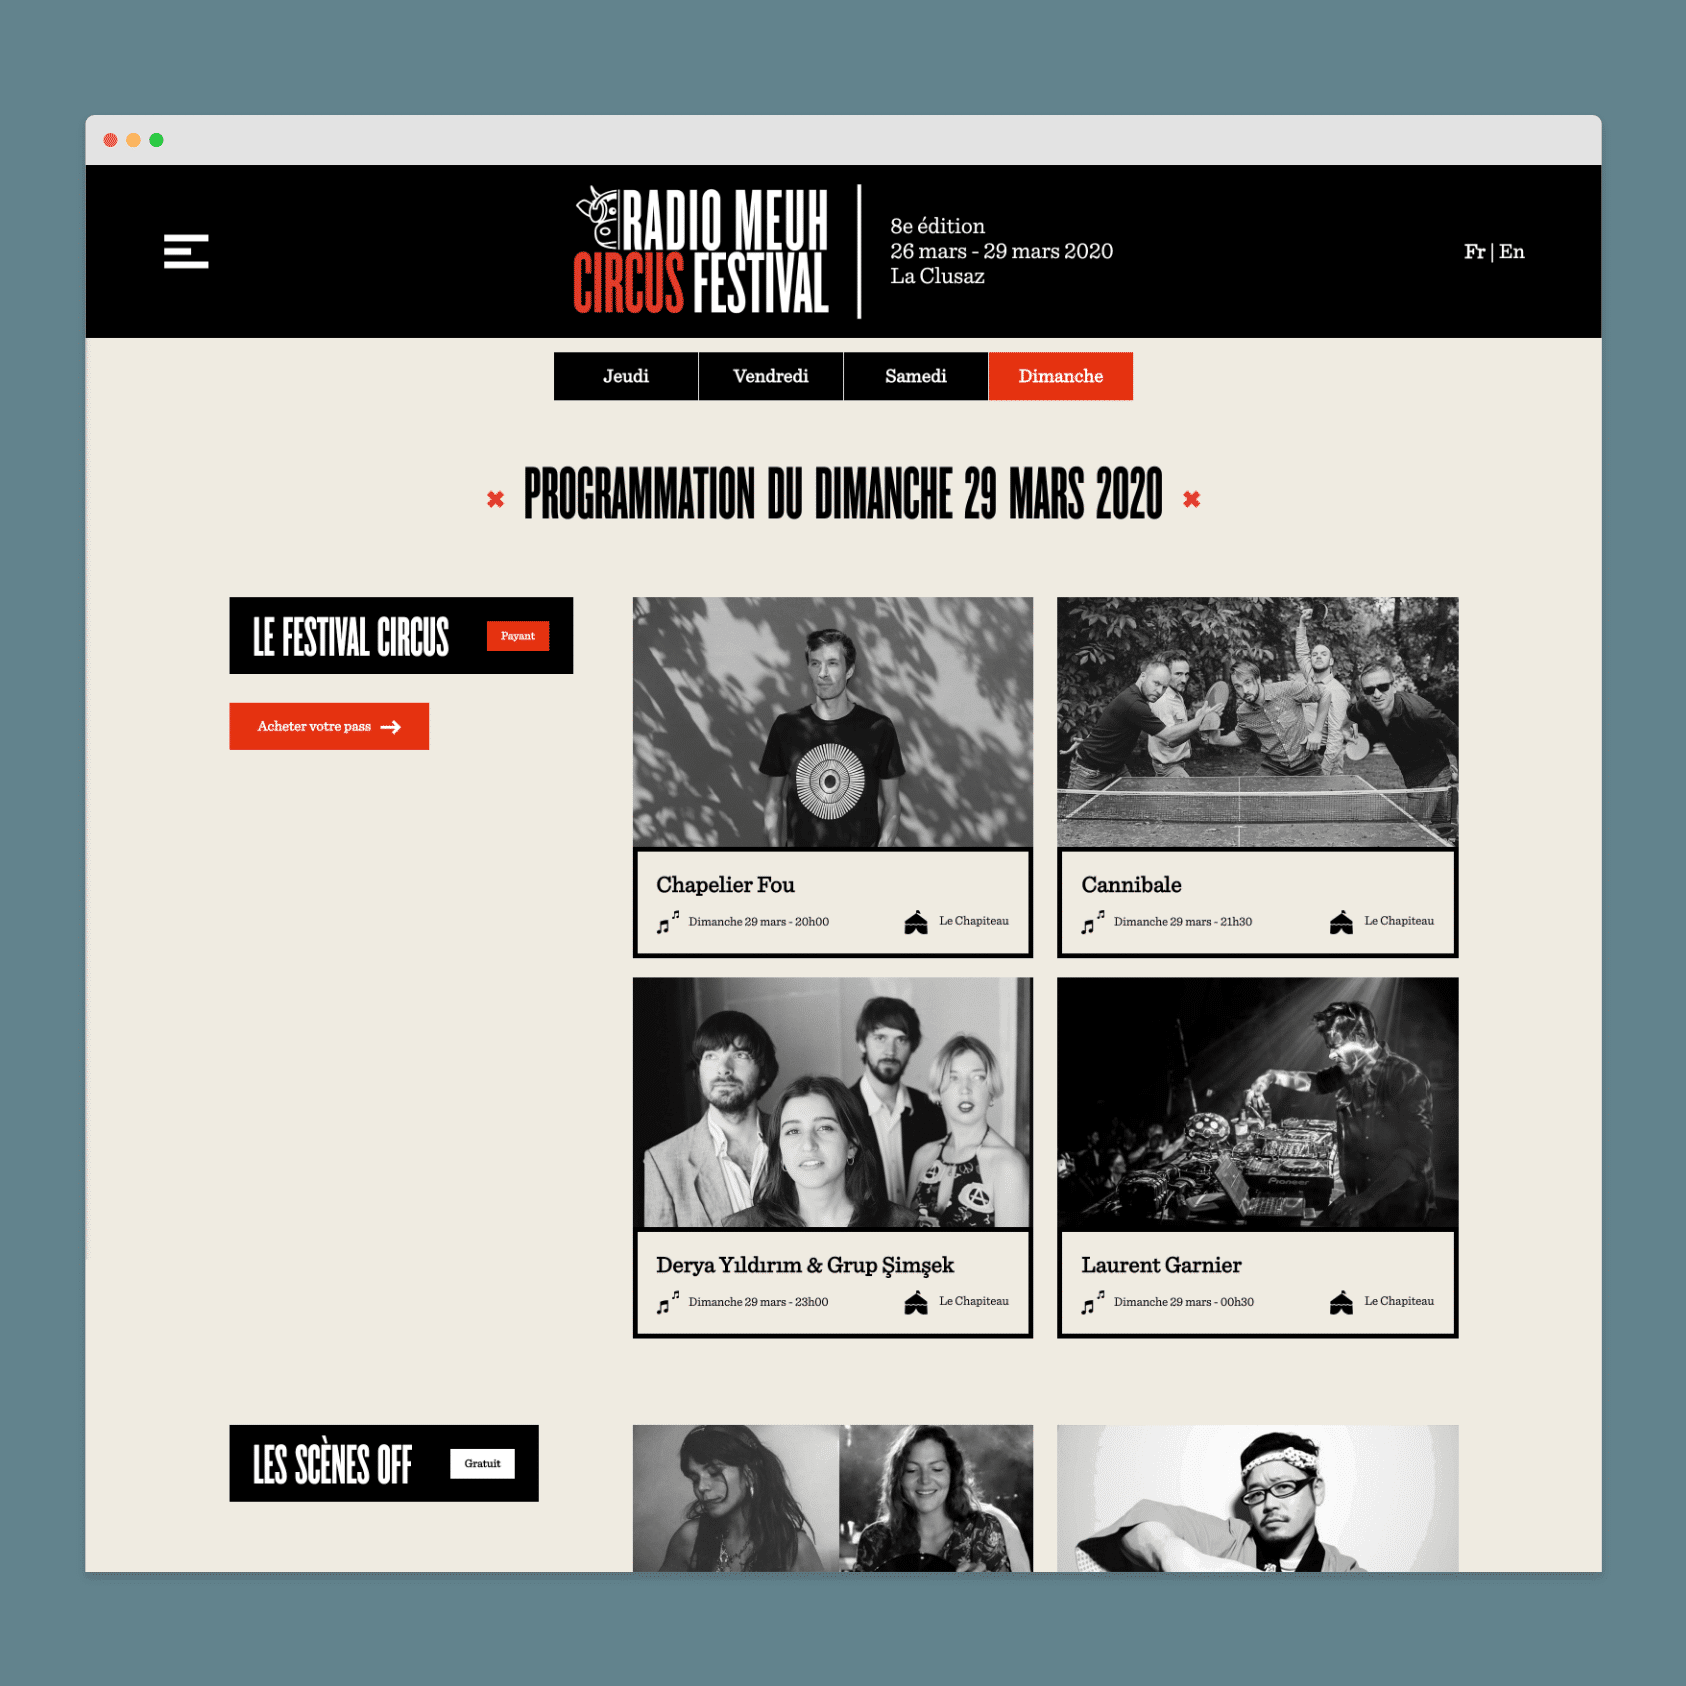 Développement du site Web du festival Radio Meuh Circus